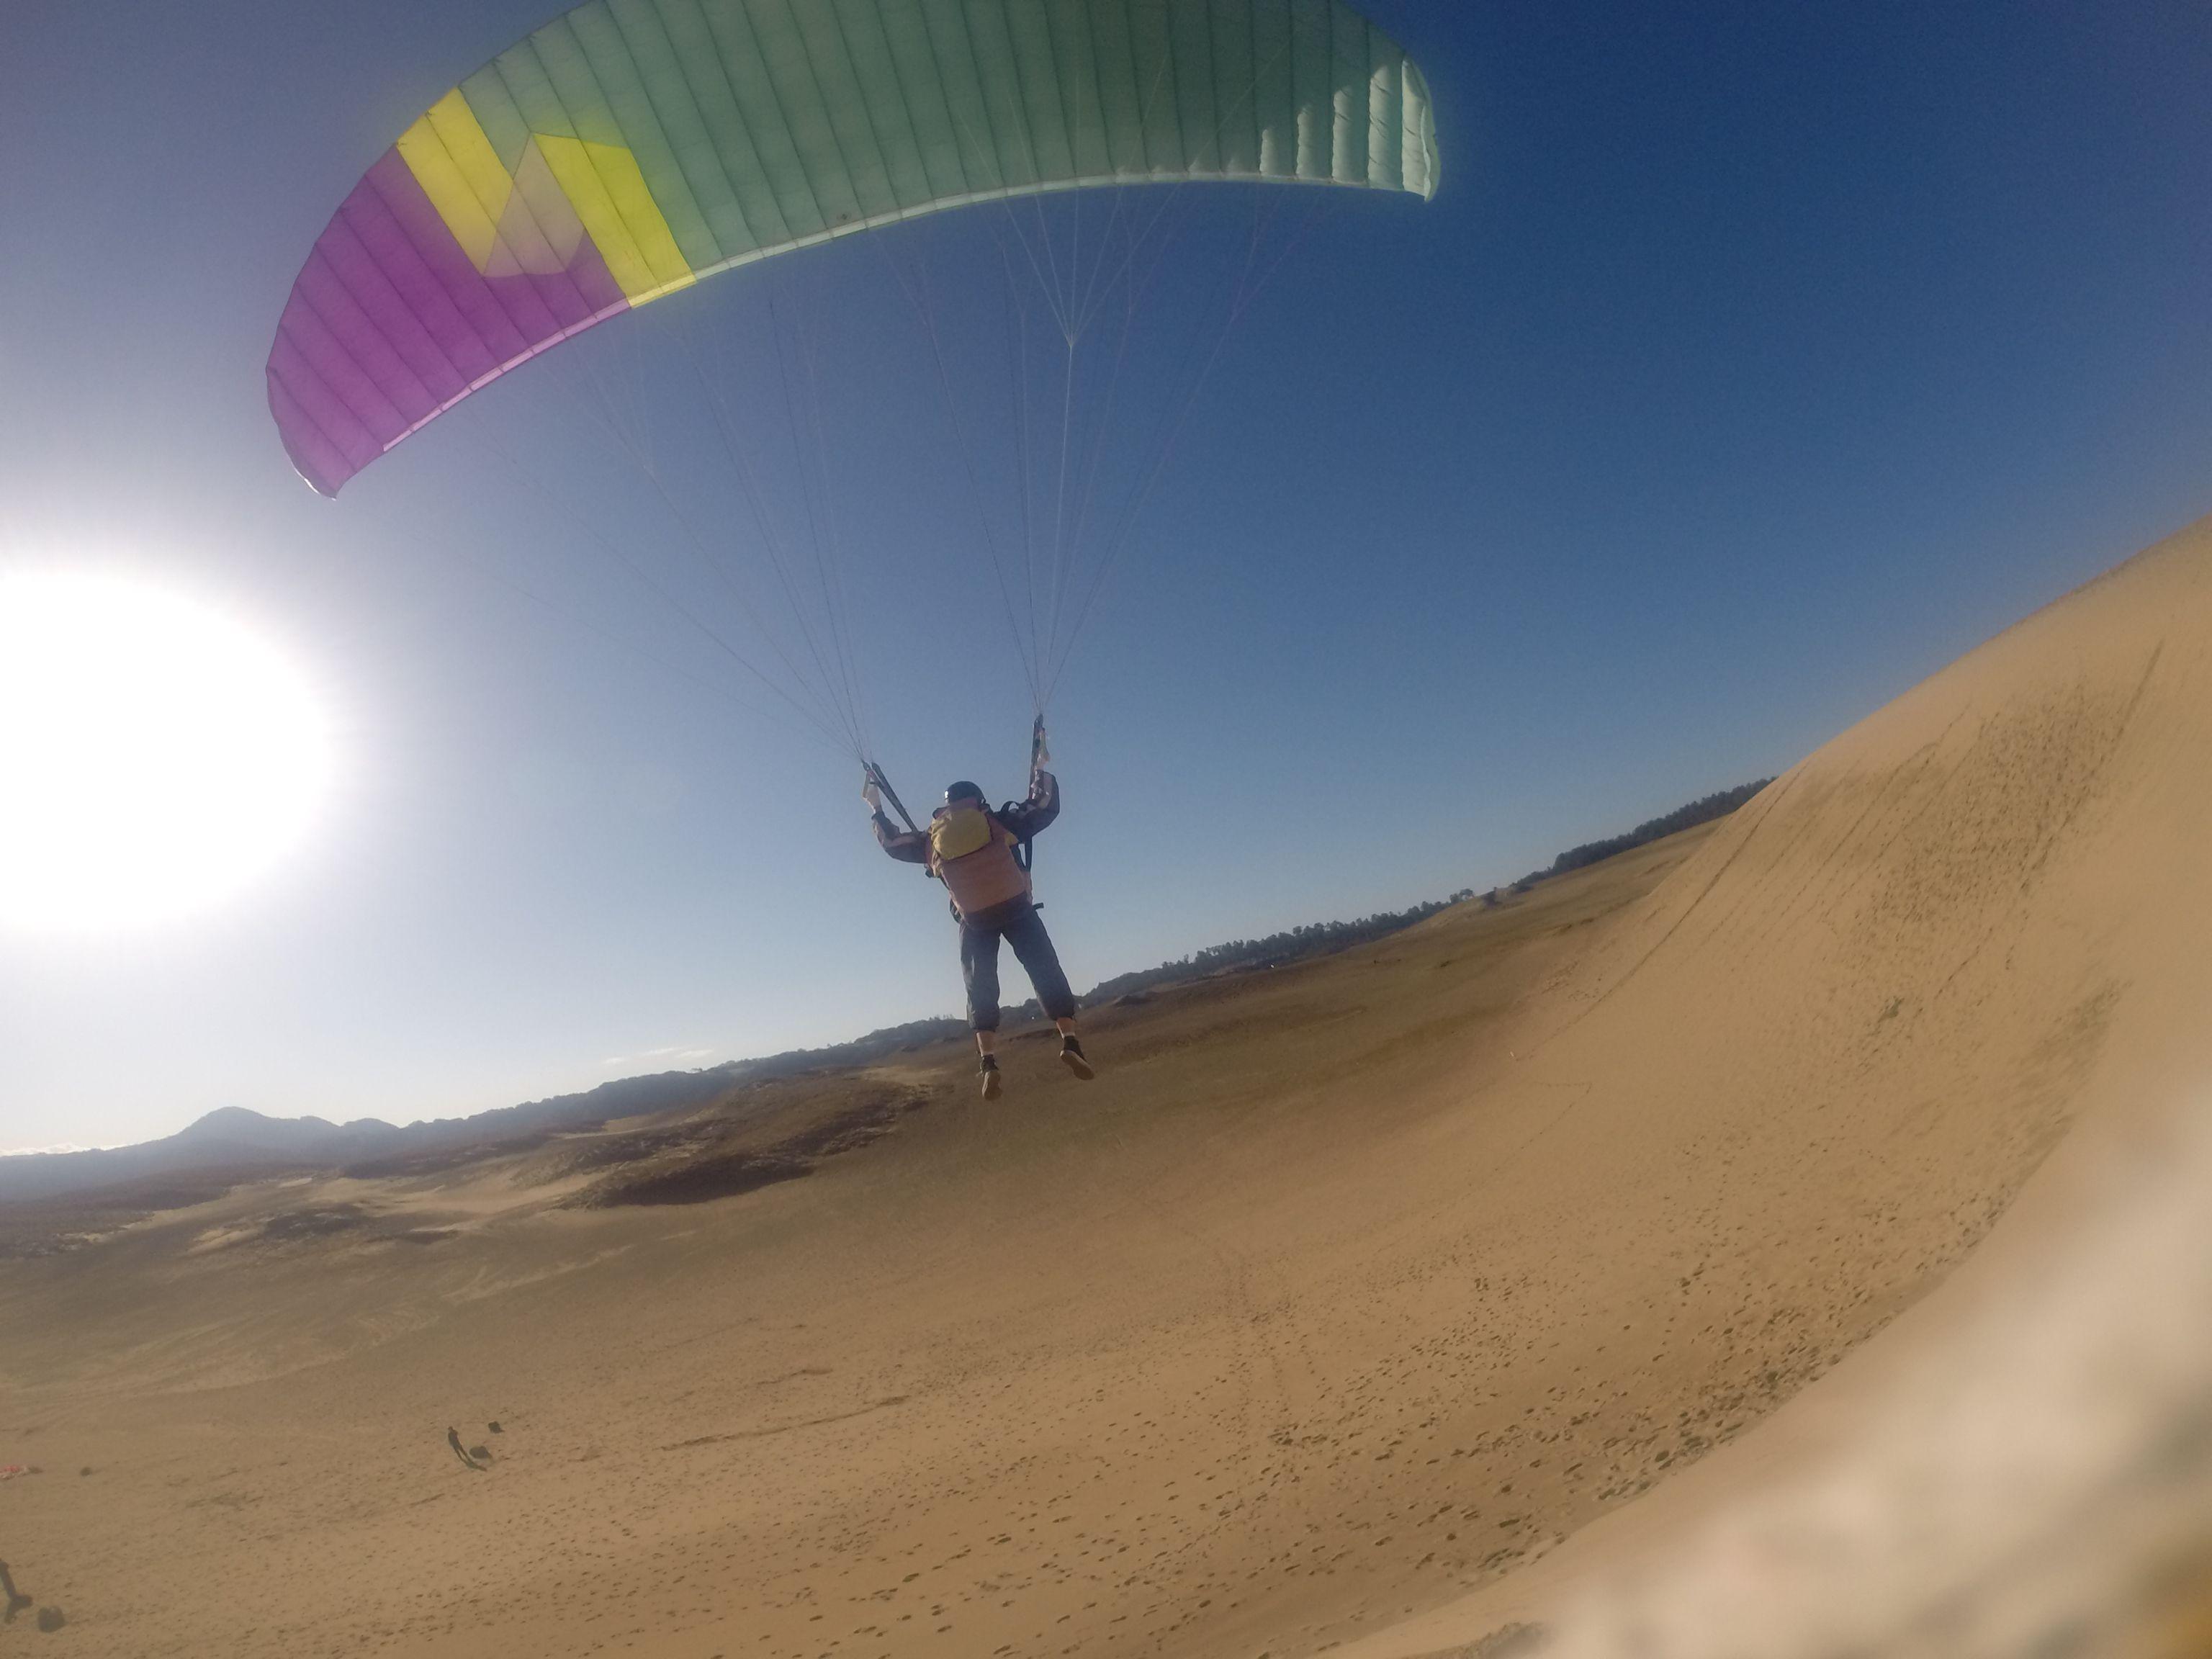 鳥取砂丘で空を飛んだUSJのダンサーさん